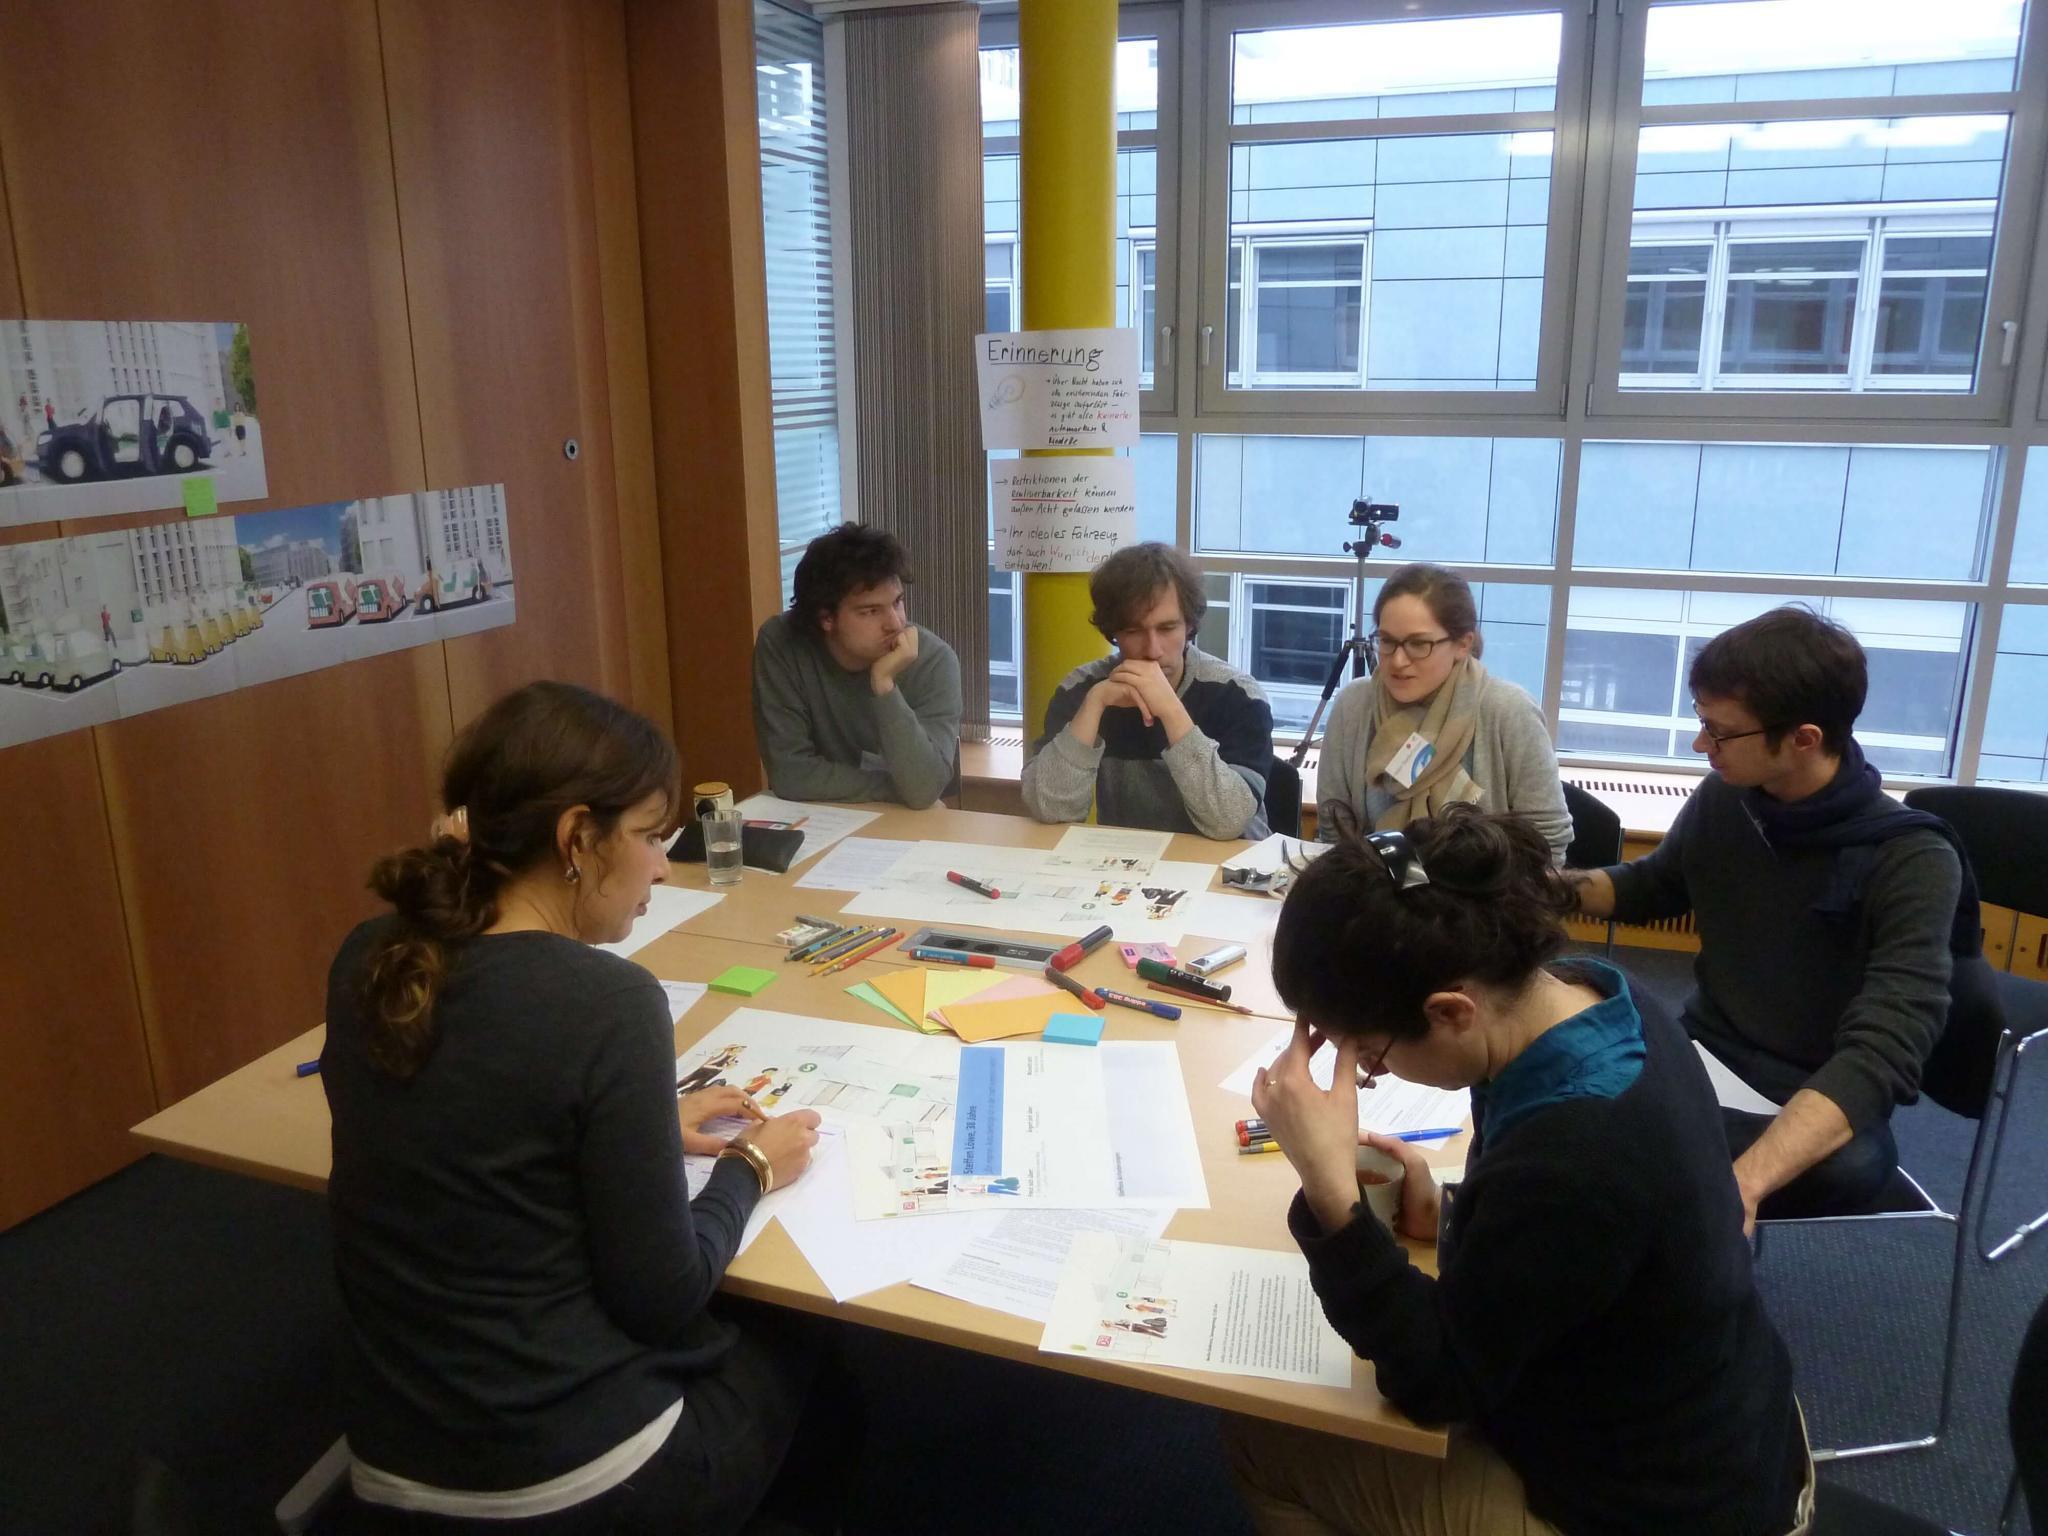 DLR Verkehrswissenschaftler bei der Arbeit